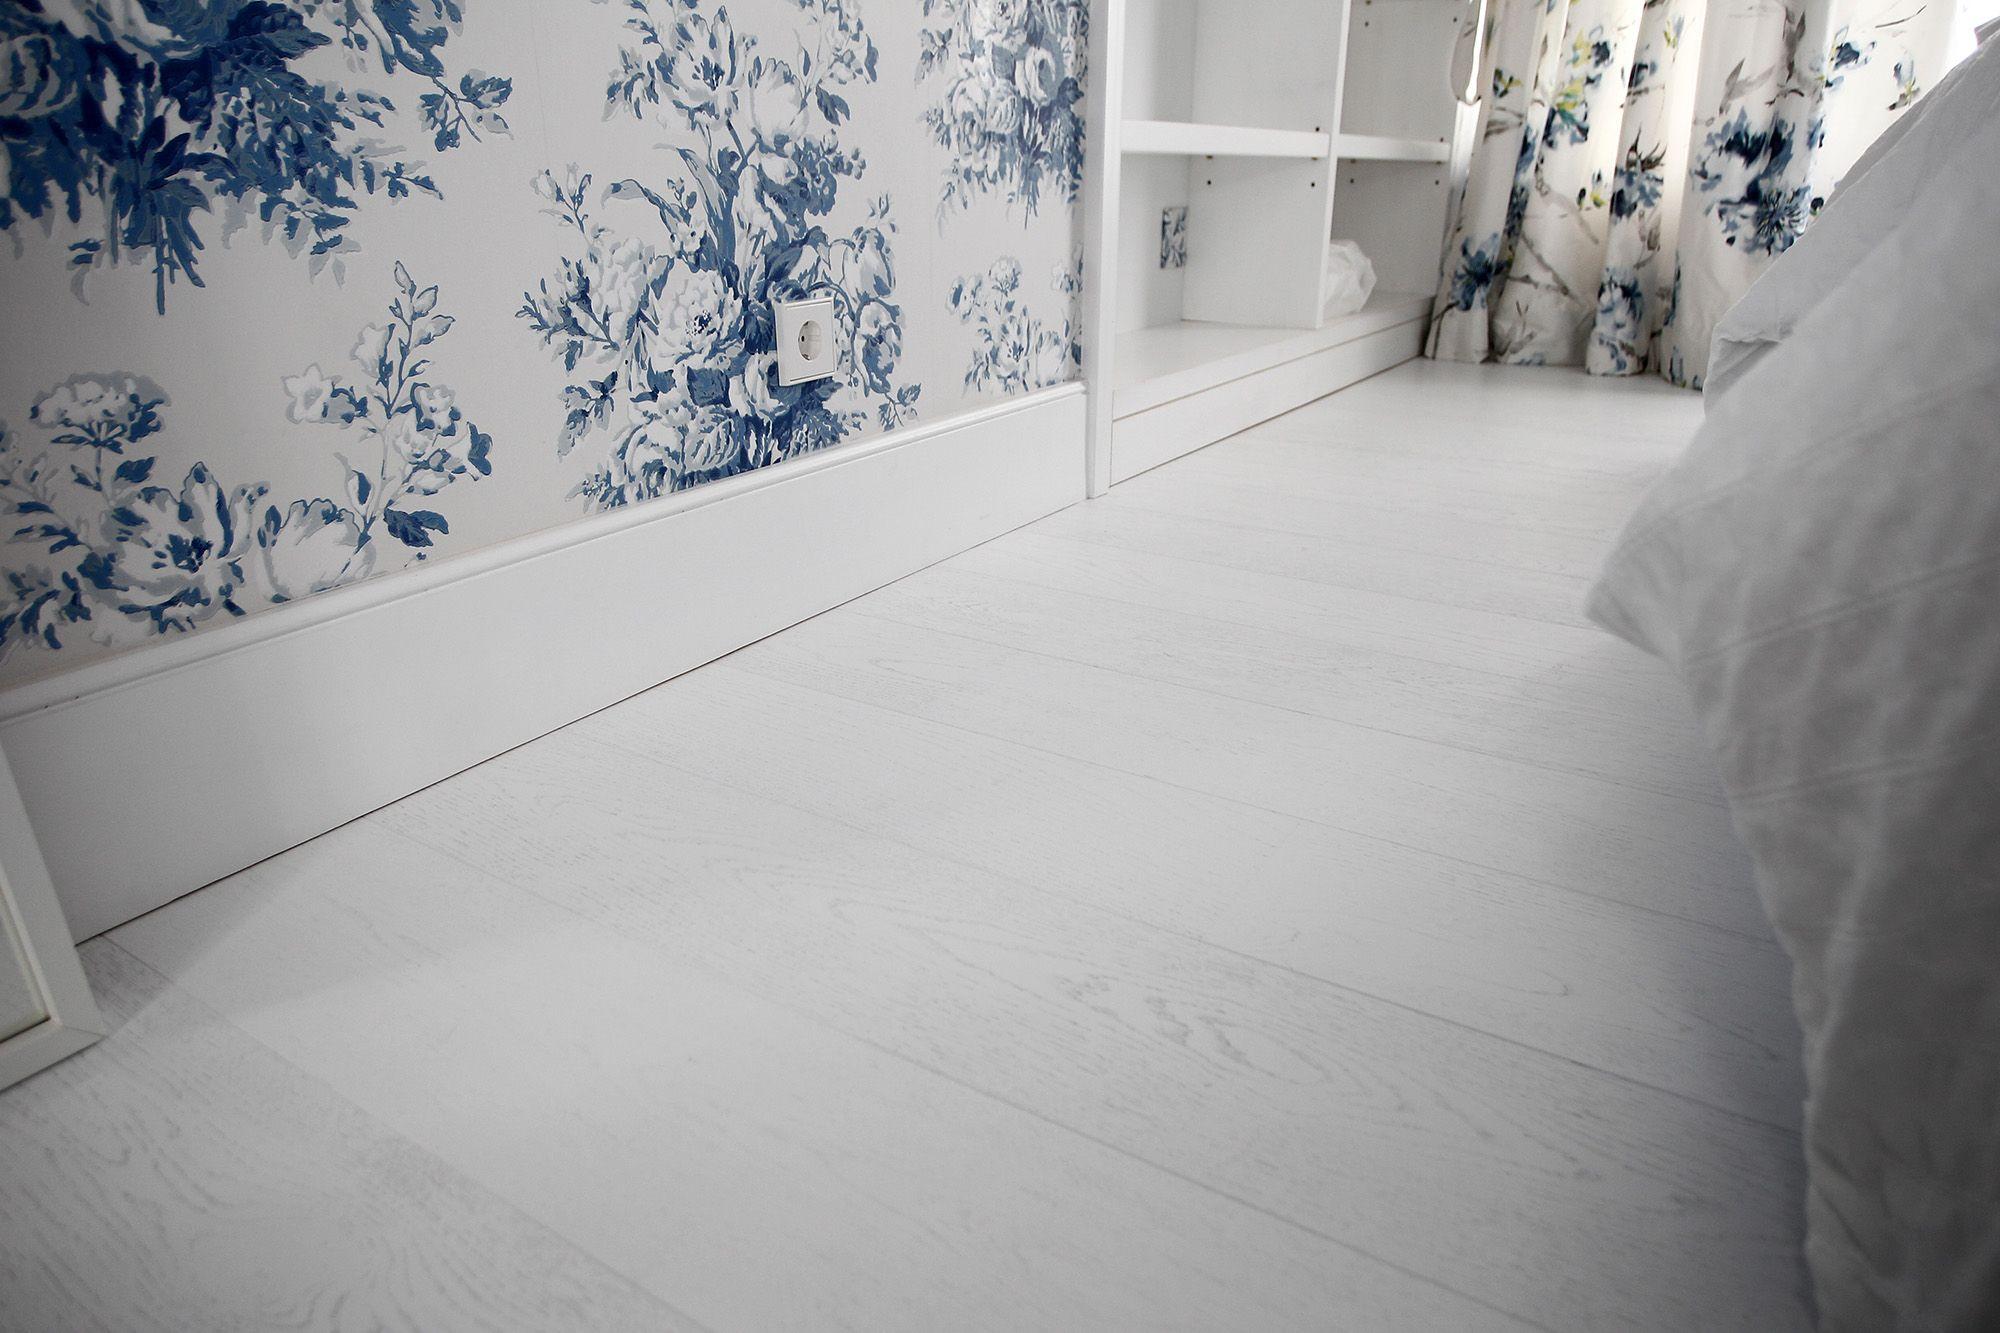 habitacion con suelo de madera lacado blanco